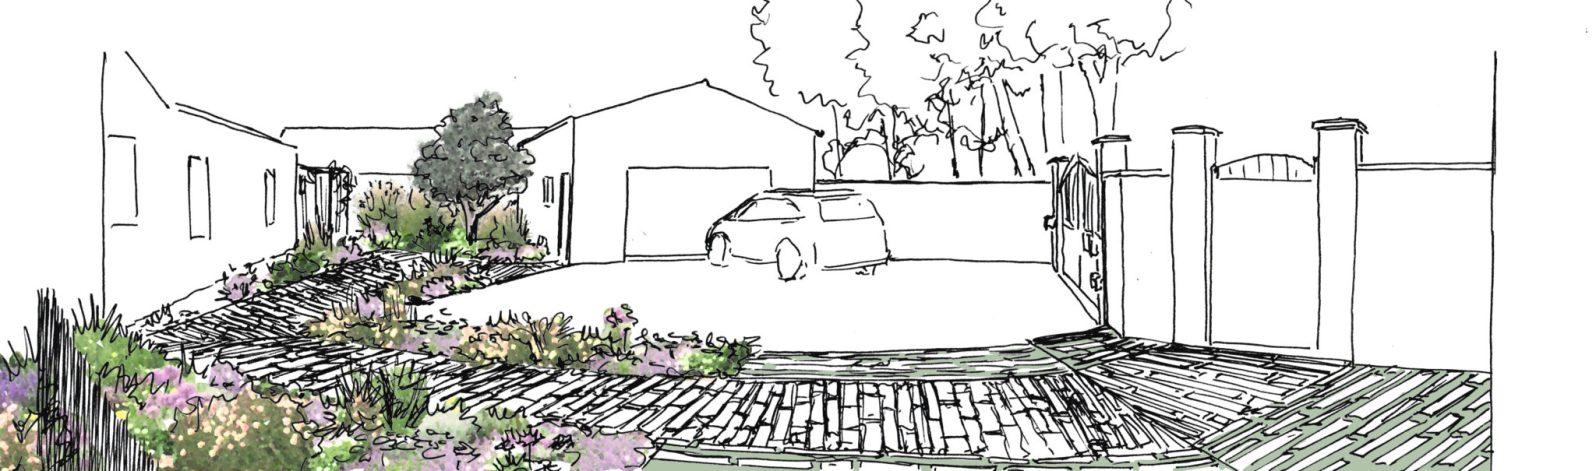 01-esquisse-croquis-dessin-projet-paysagiste (1)